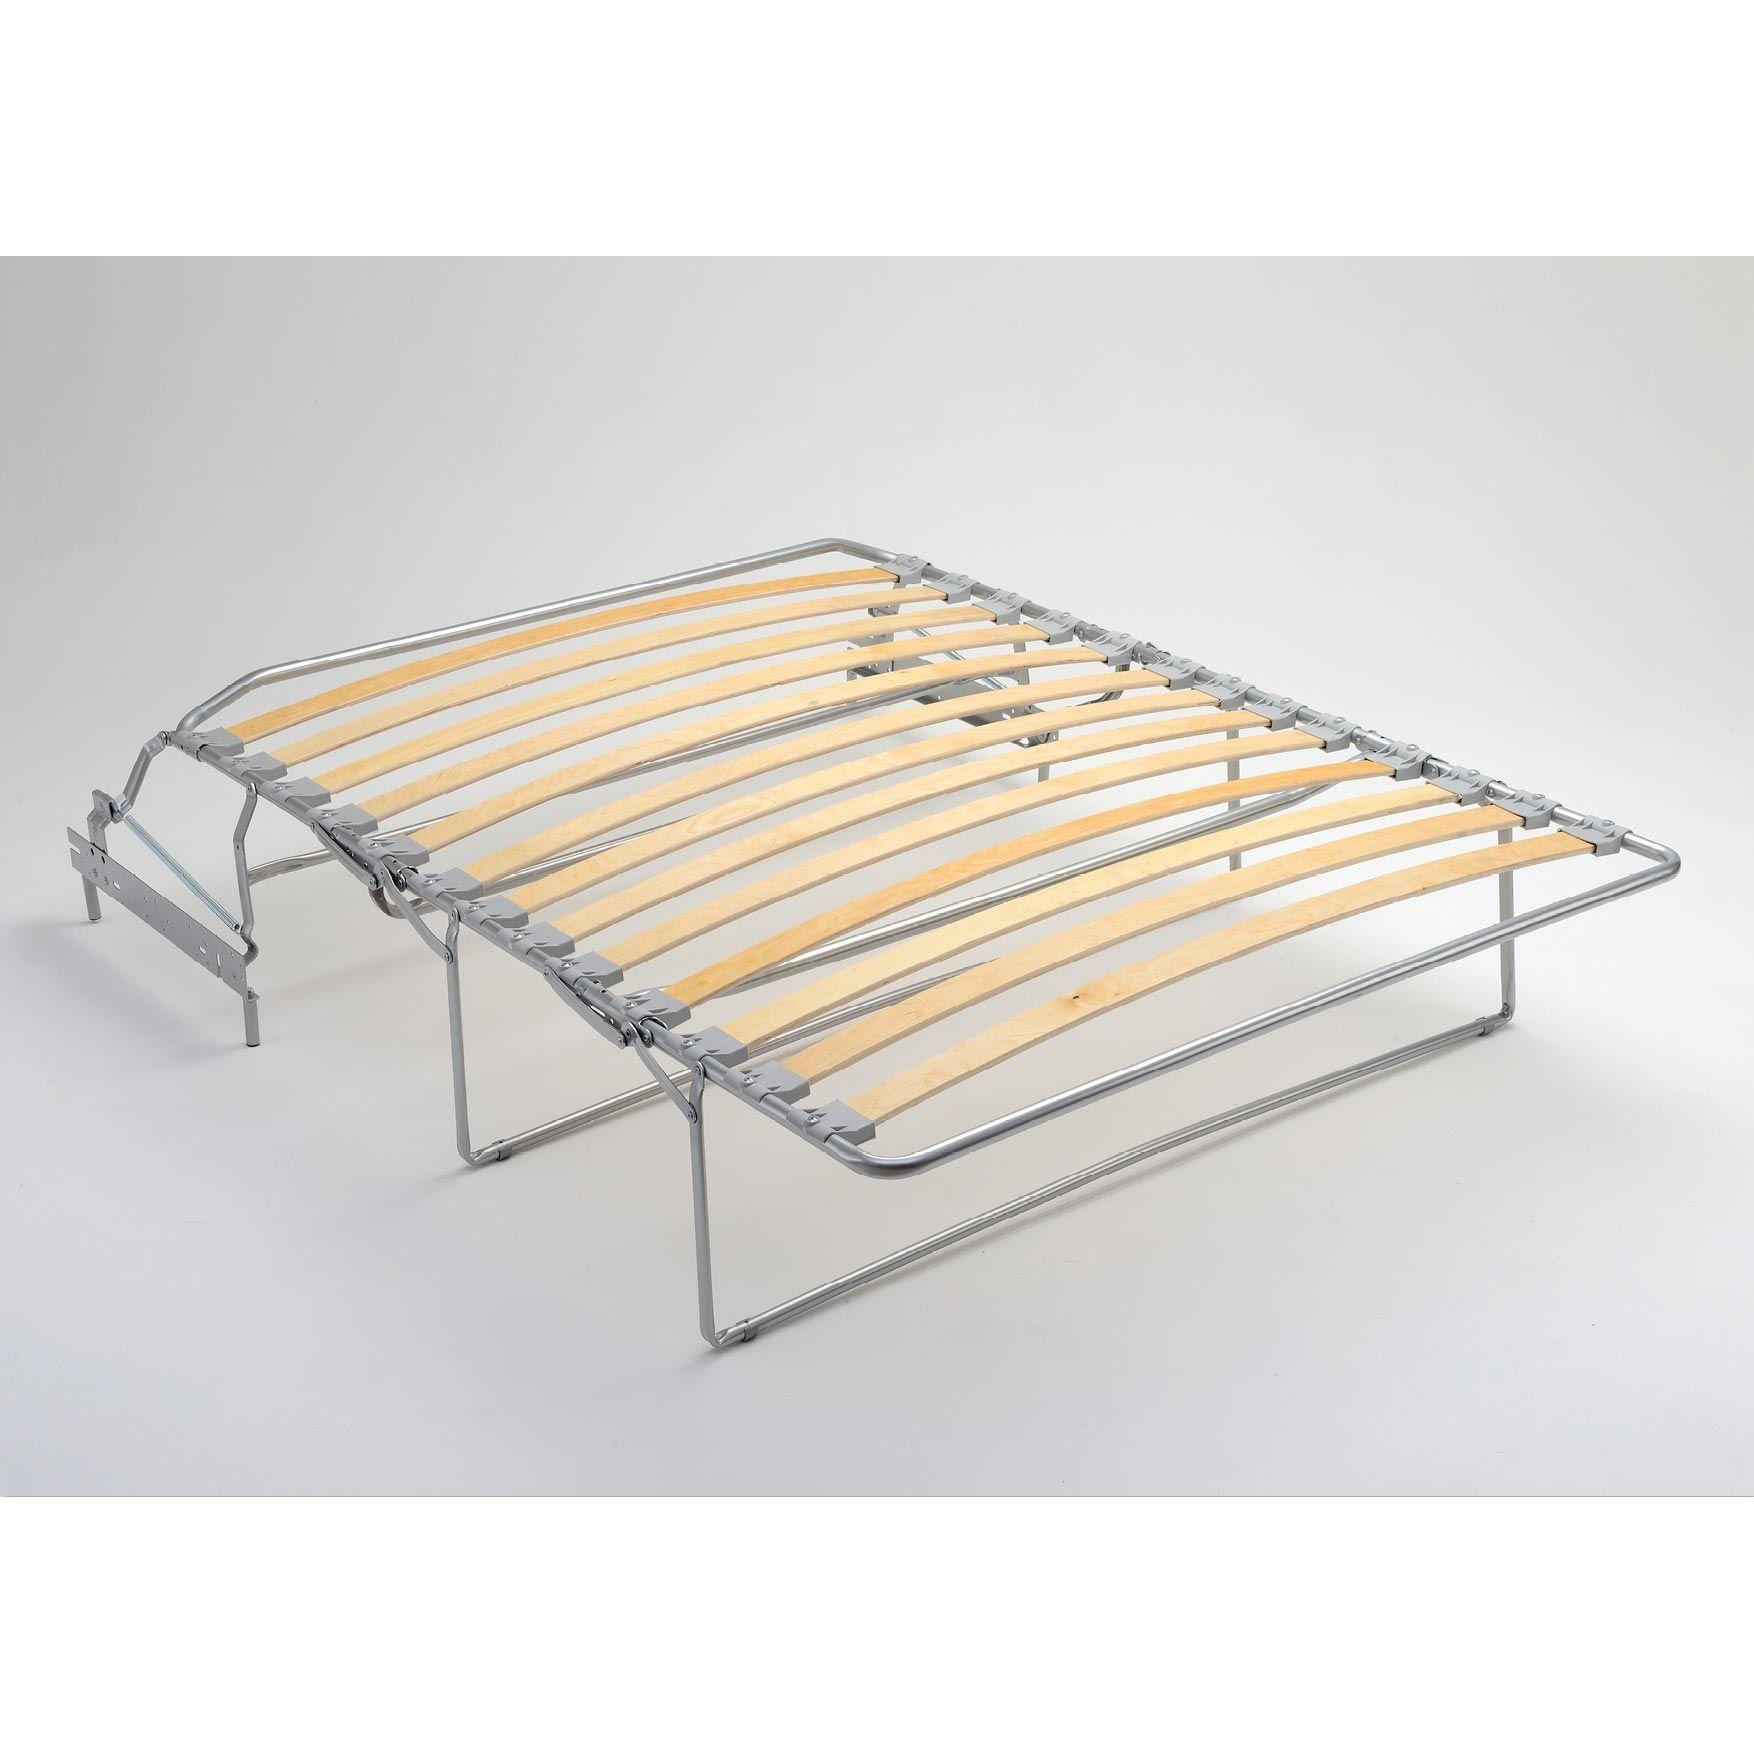 Reti materassi e trasformabili reti per divano letto rete eolo con doghe - Materassi per divano letto ...